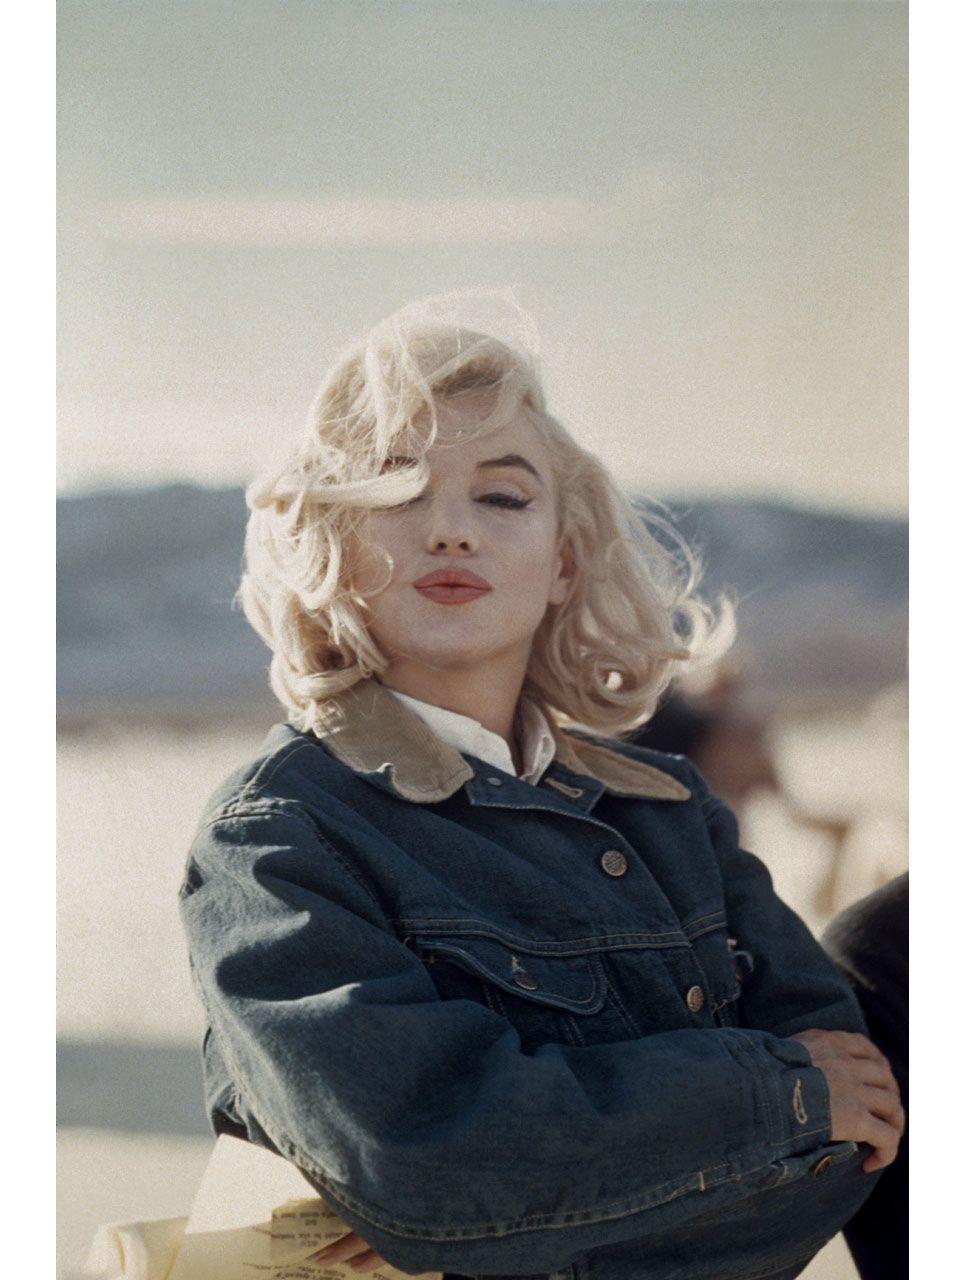 Marilyn Monroe en 30 tenues mythiques  Marilyn Monroe en 30 tenues mythiques  Page 2  Vanity Fair